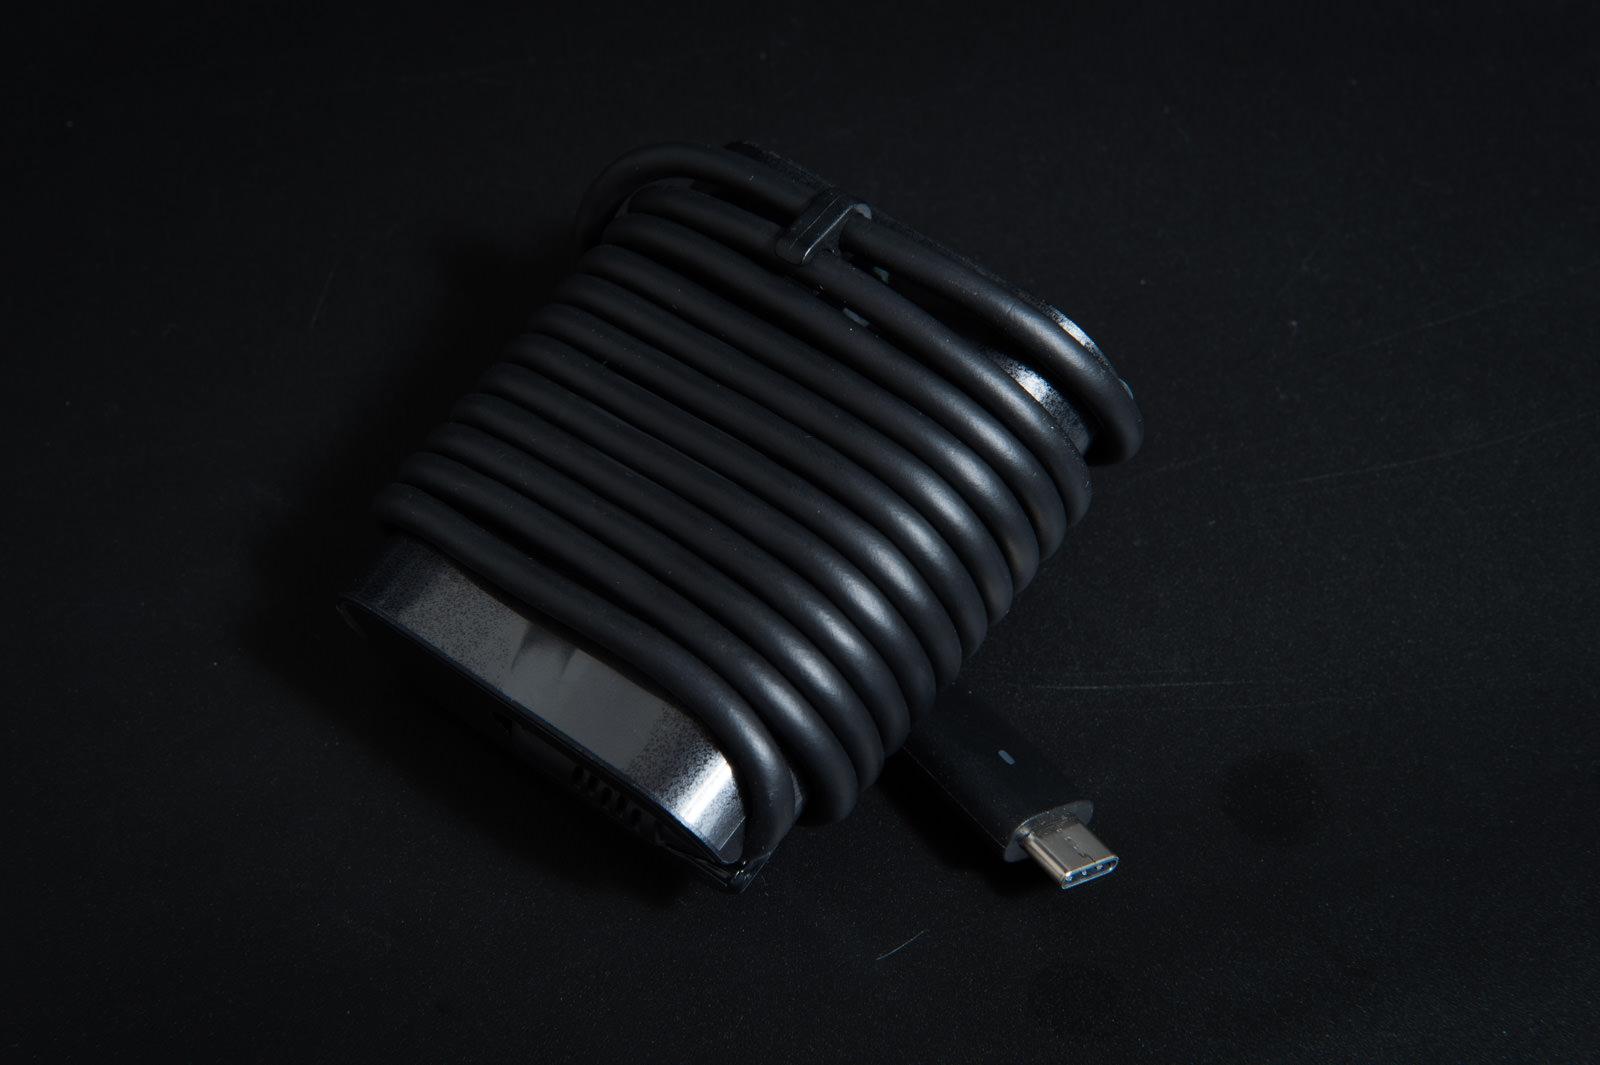 USB-C接続のACアダプタ